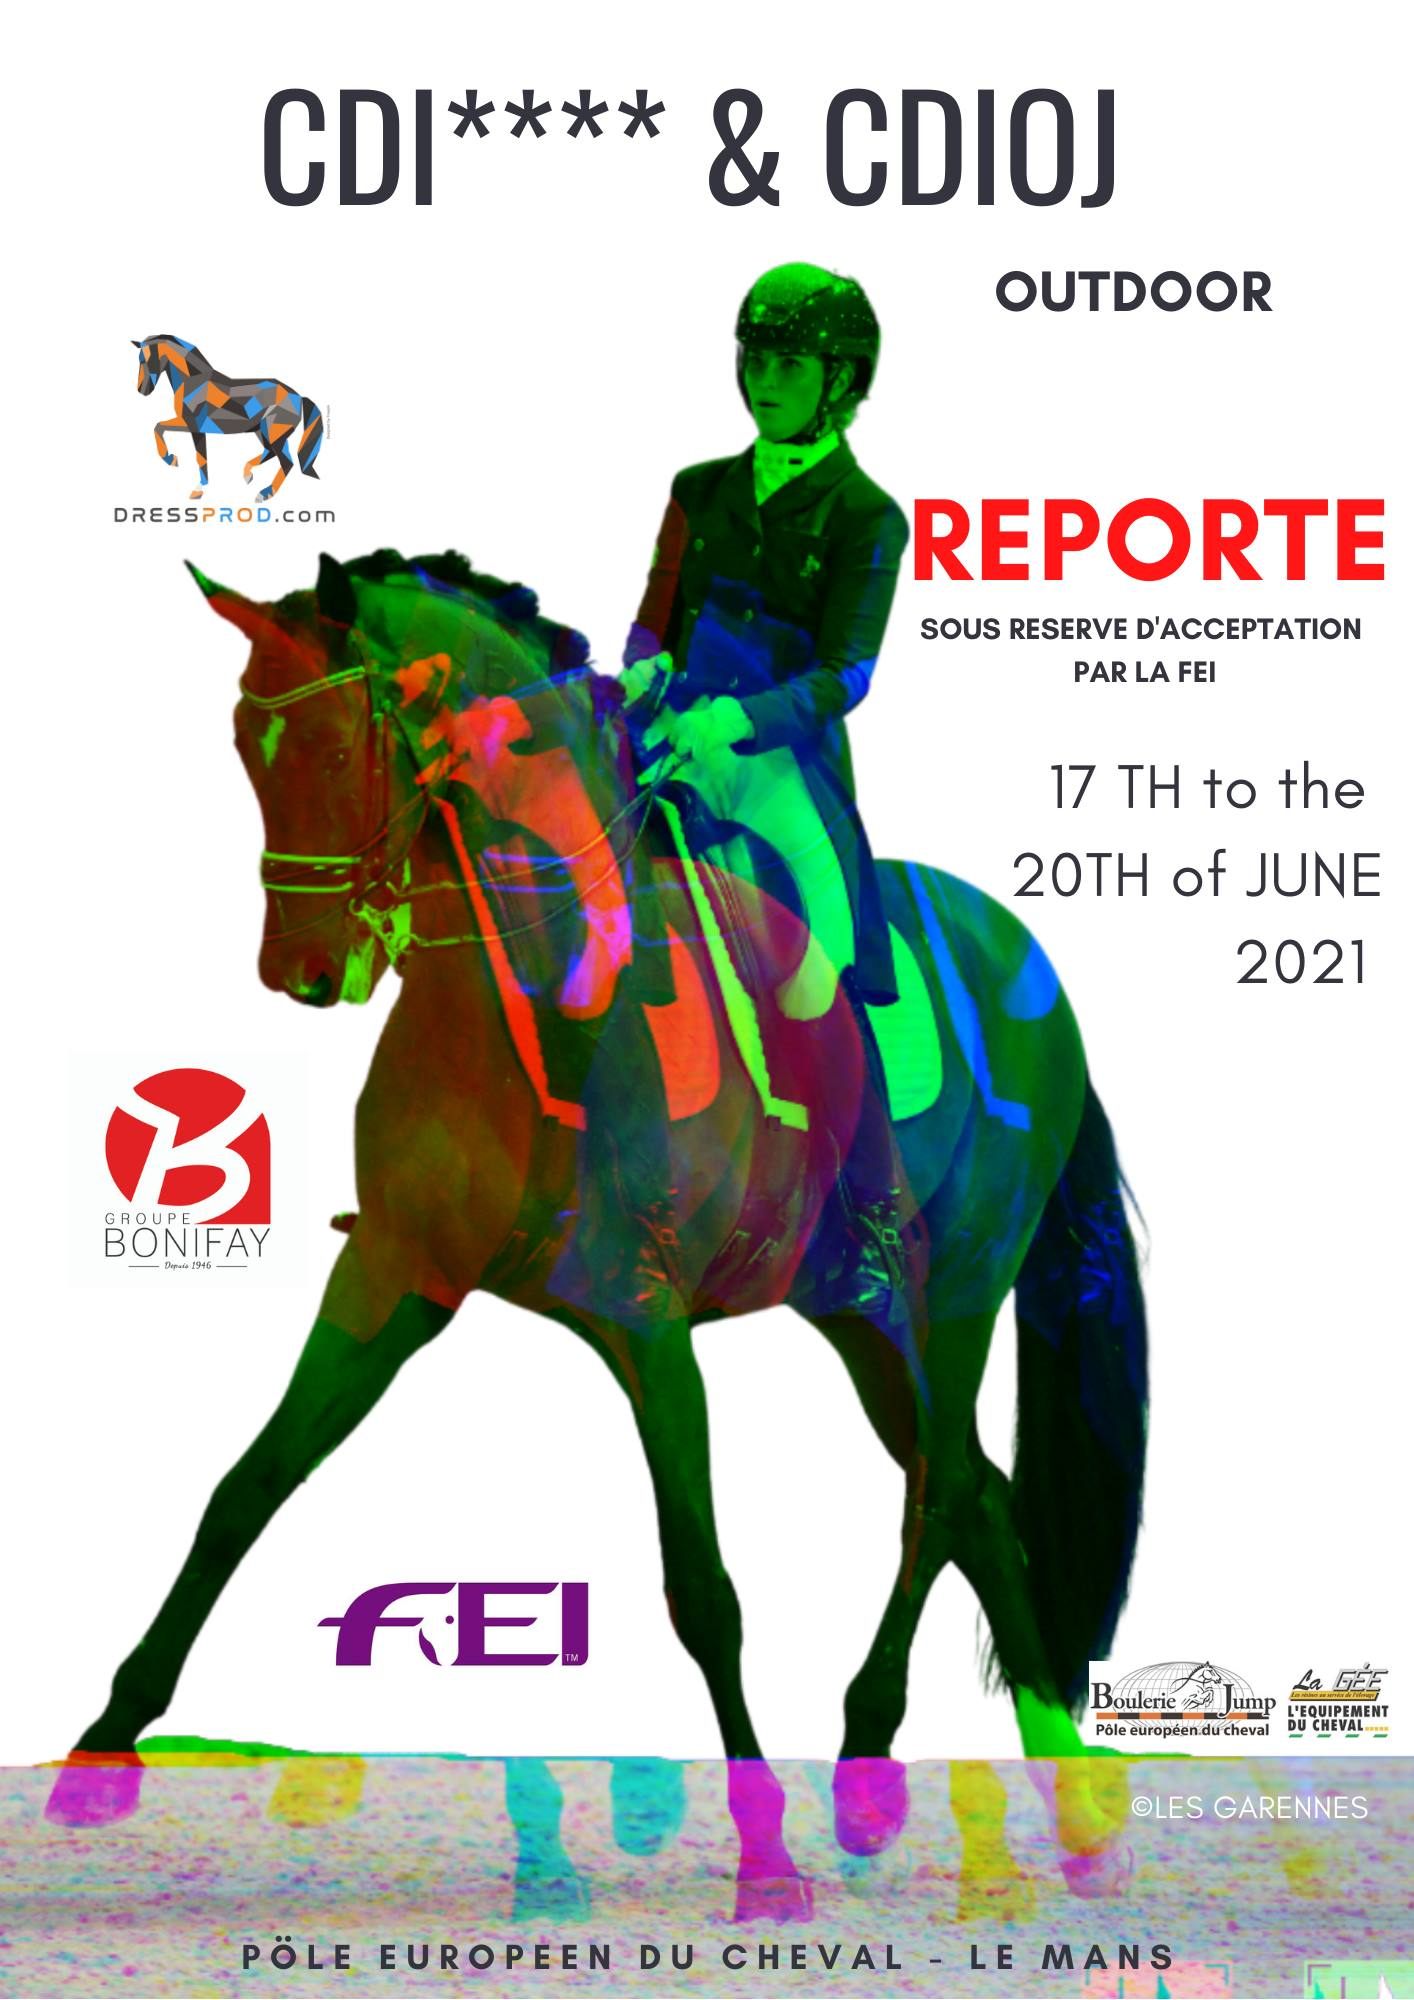 CDI**** et CDIOJ - Le Mans